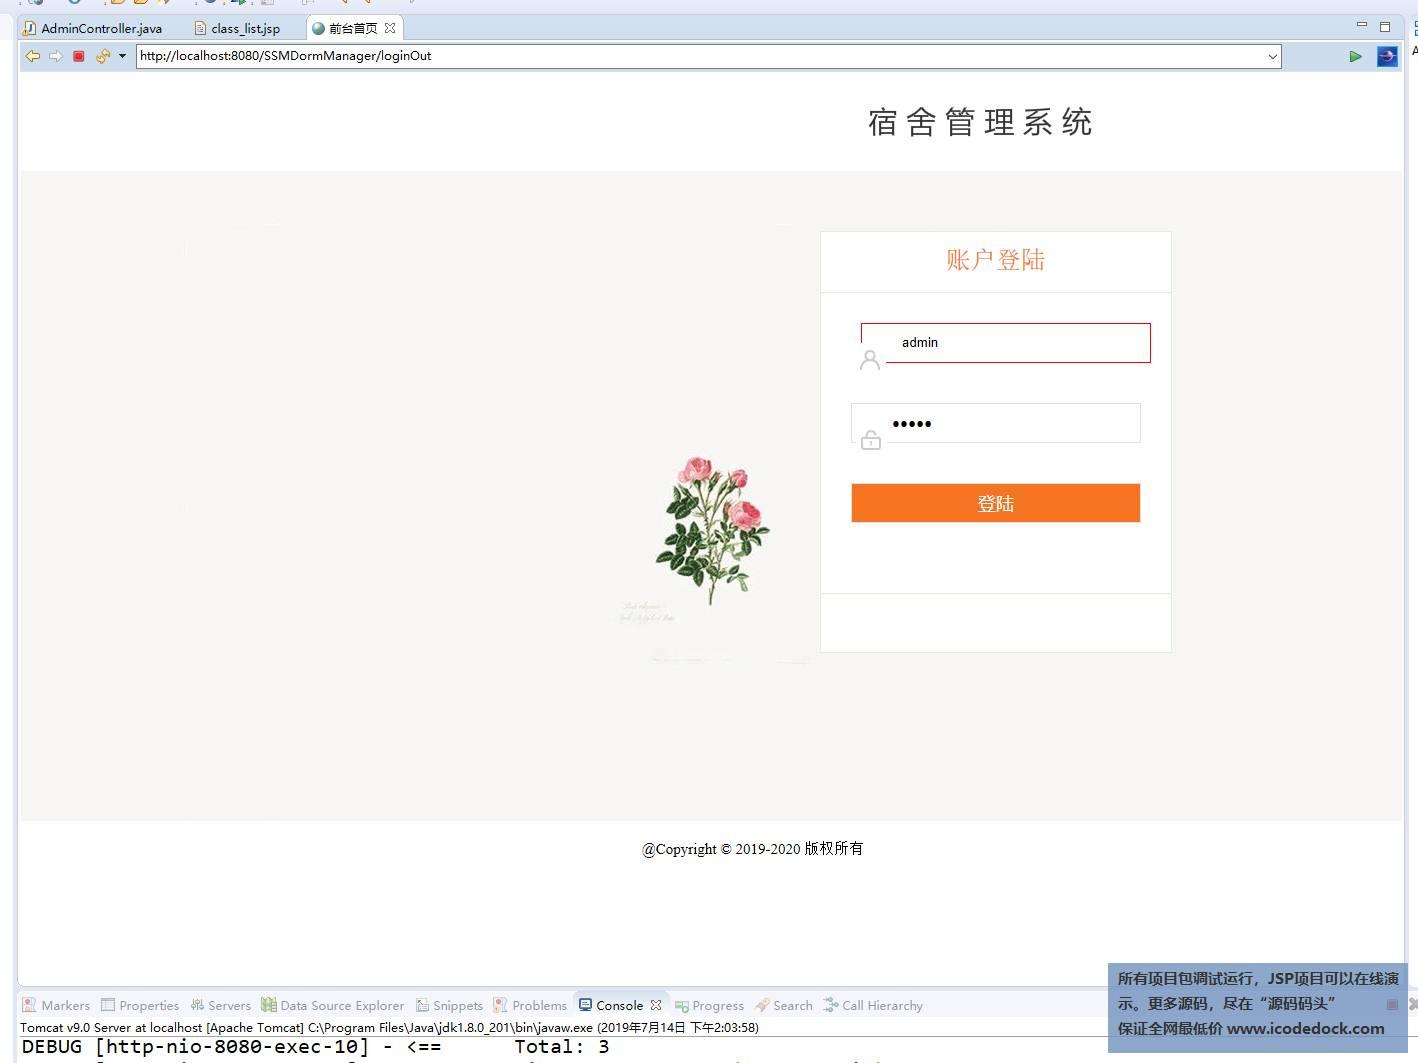 源码码头-SSM宿舍寝室管理系统-登录页面